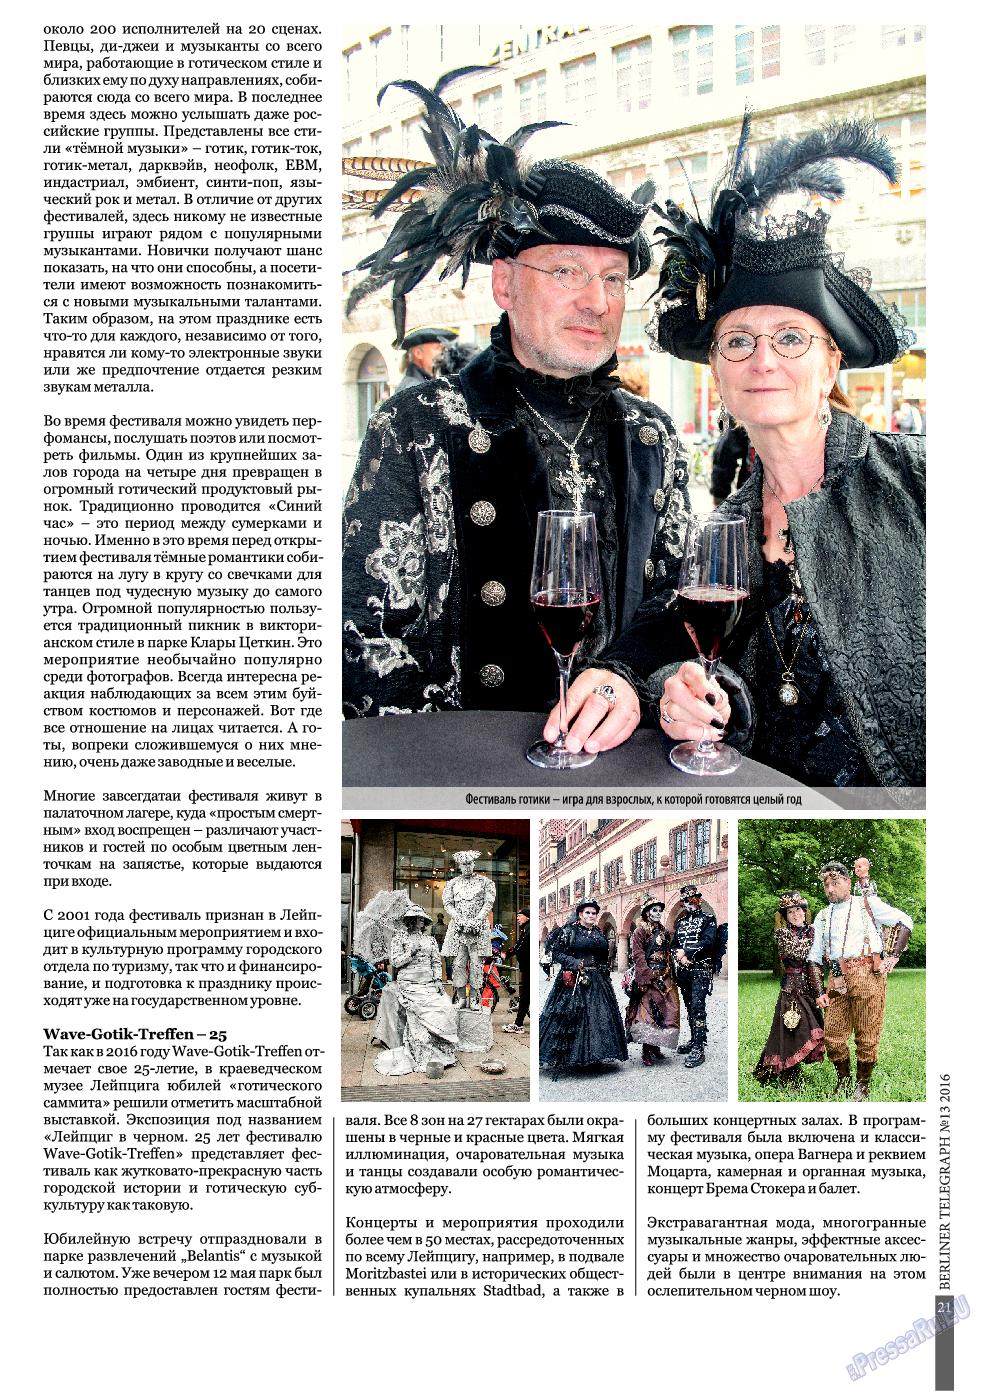 Берлинский телеграф (журнал). 2016 год, номер 13, стр. 21